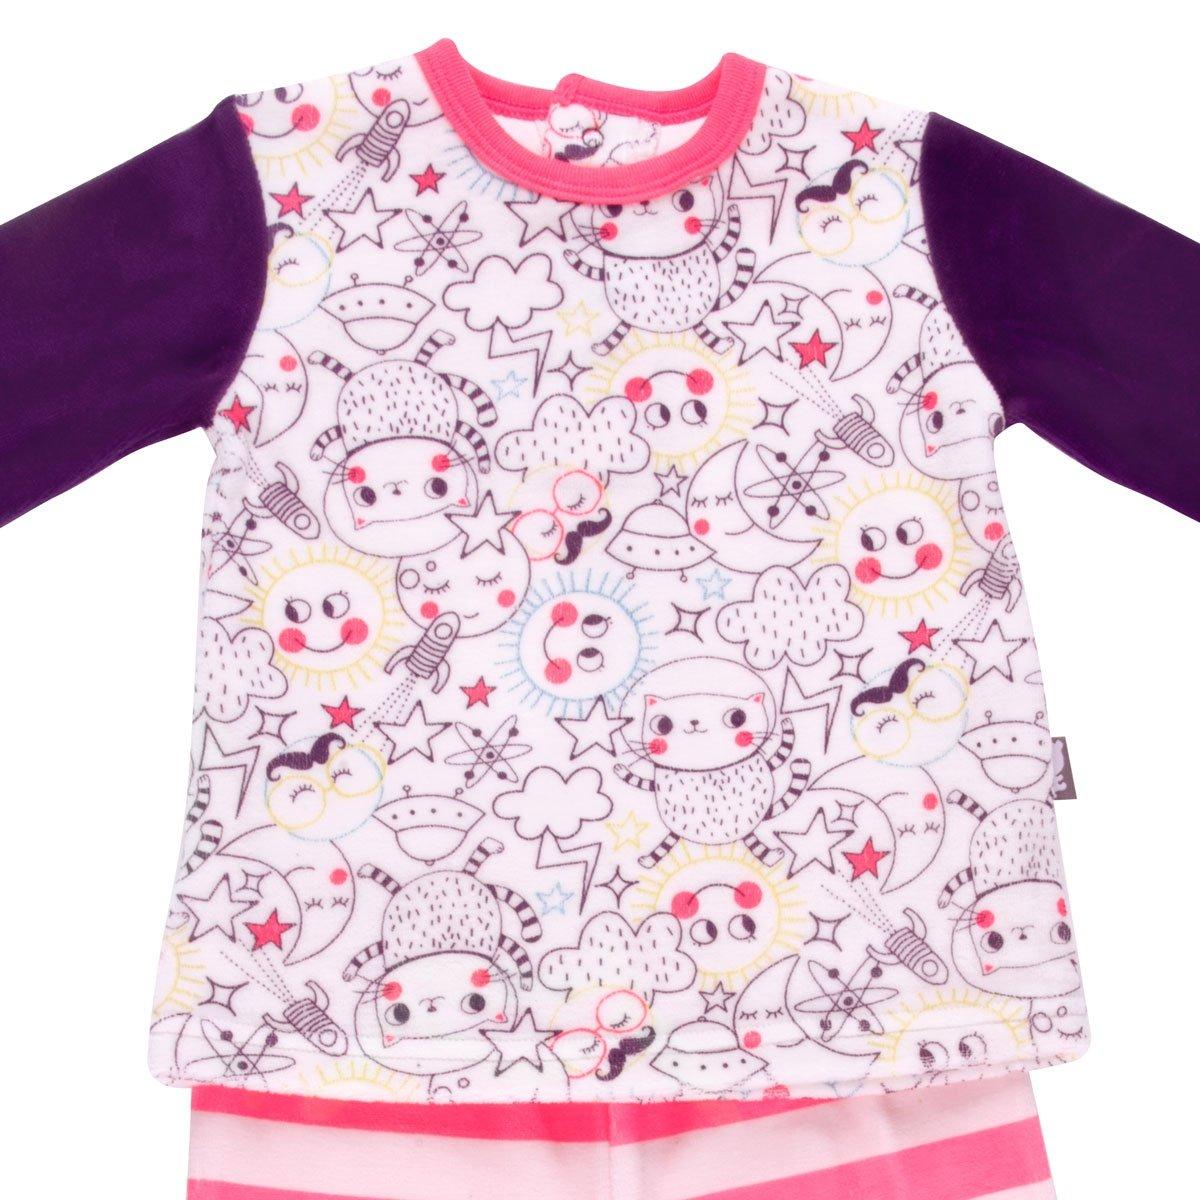 45e702078fc04 Pyjama bébé 2 pièces velours avec pieds Rêveuse - Taille - 6 mois (68 cm